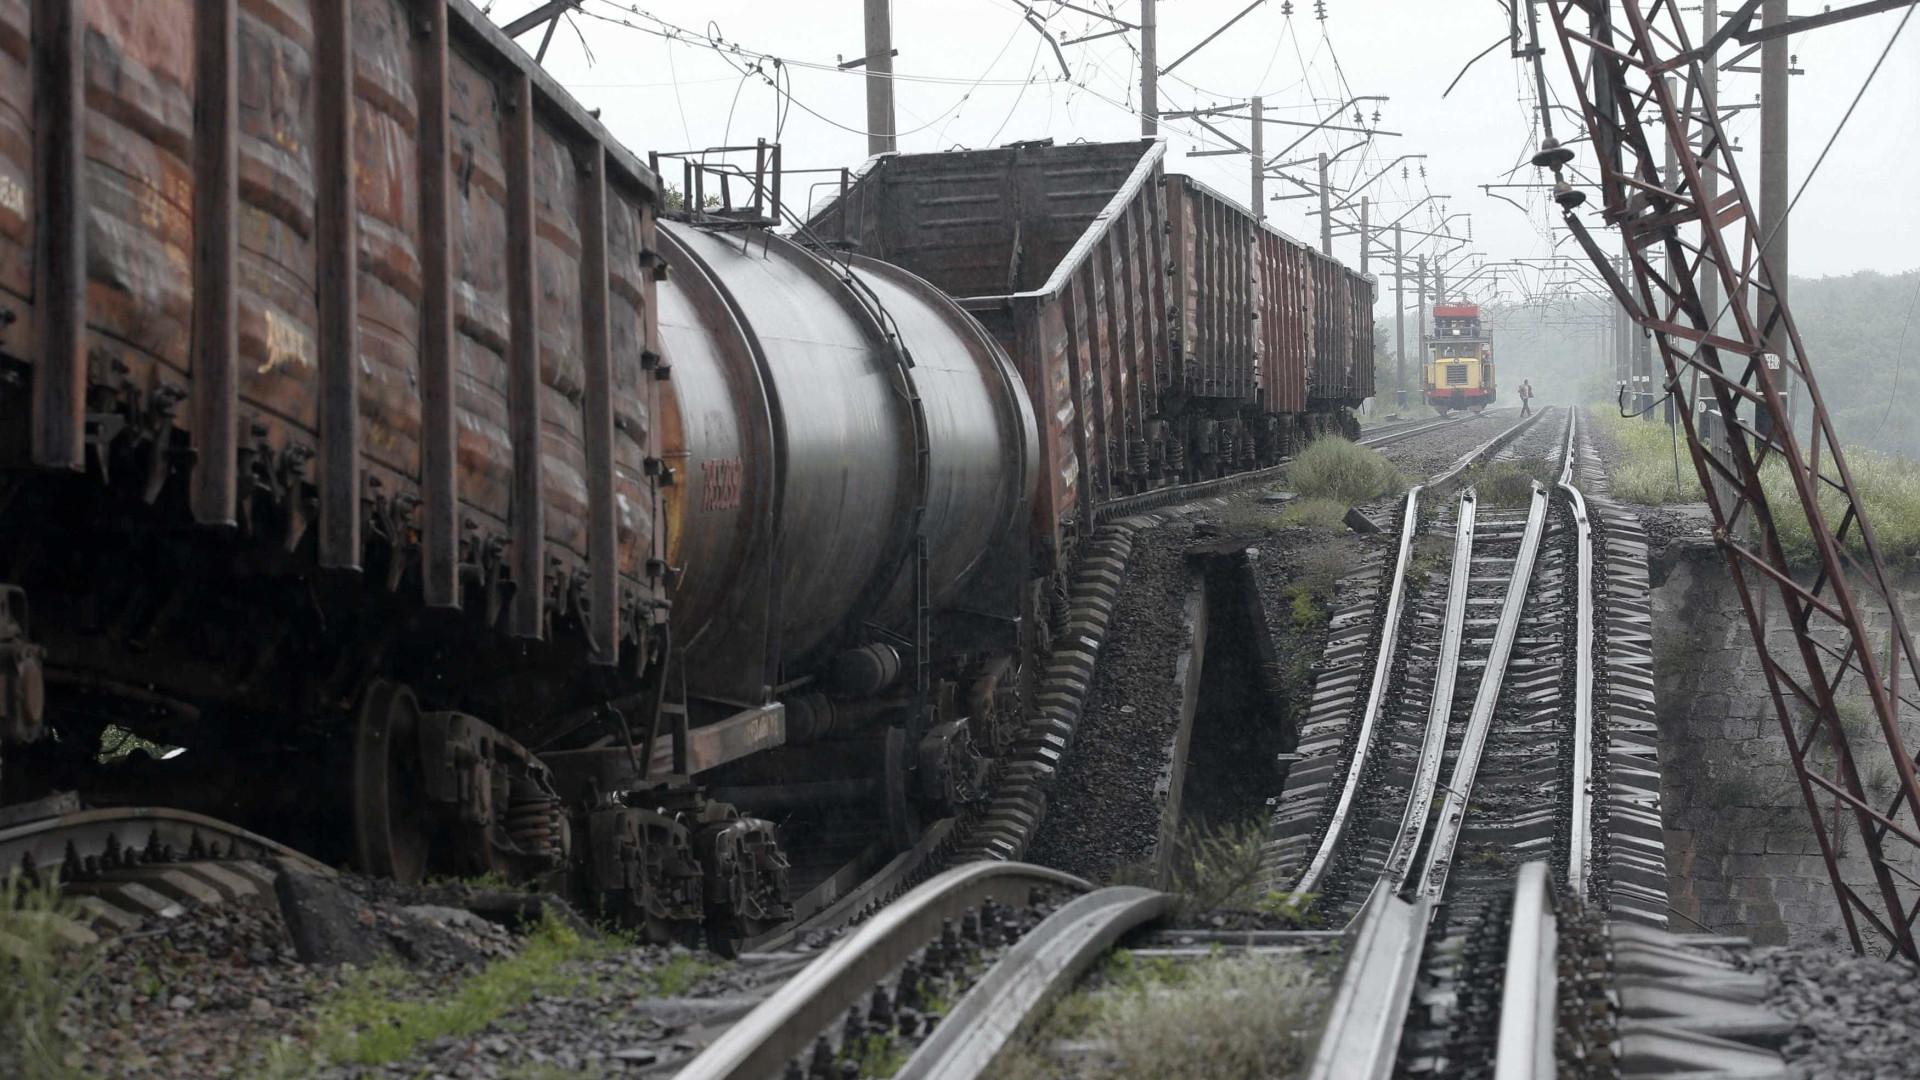 Comboios suburbanos transportam mais de 12 mil passageiros